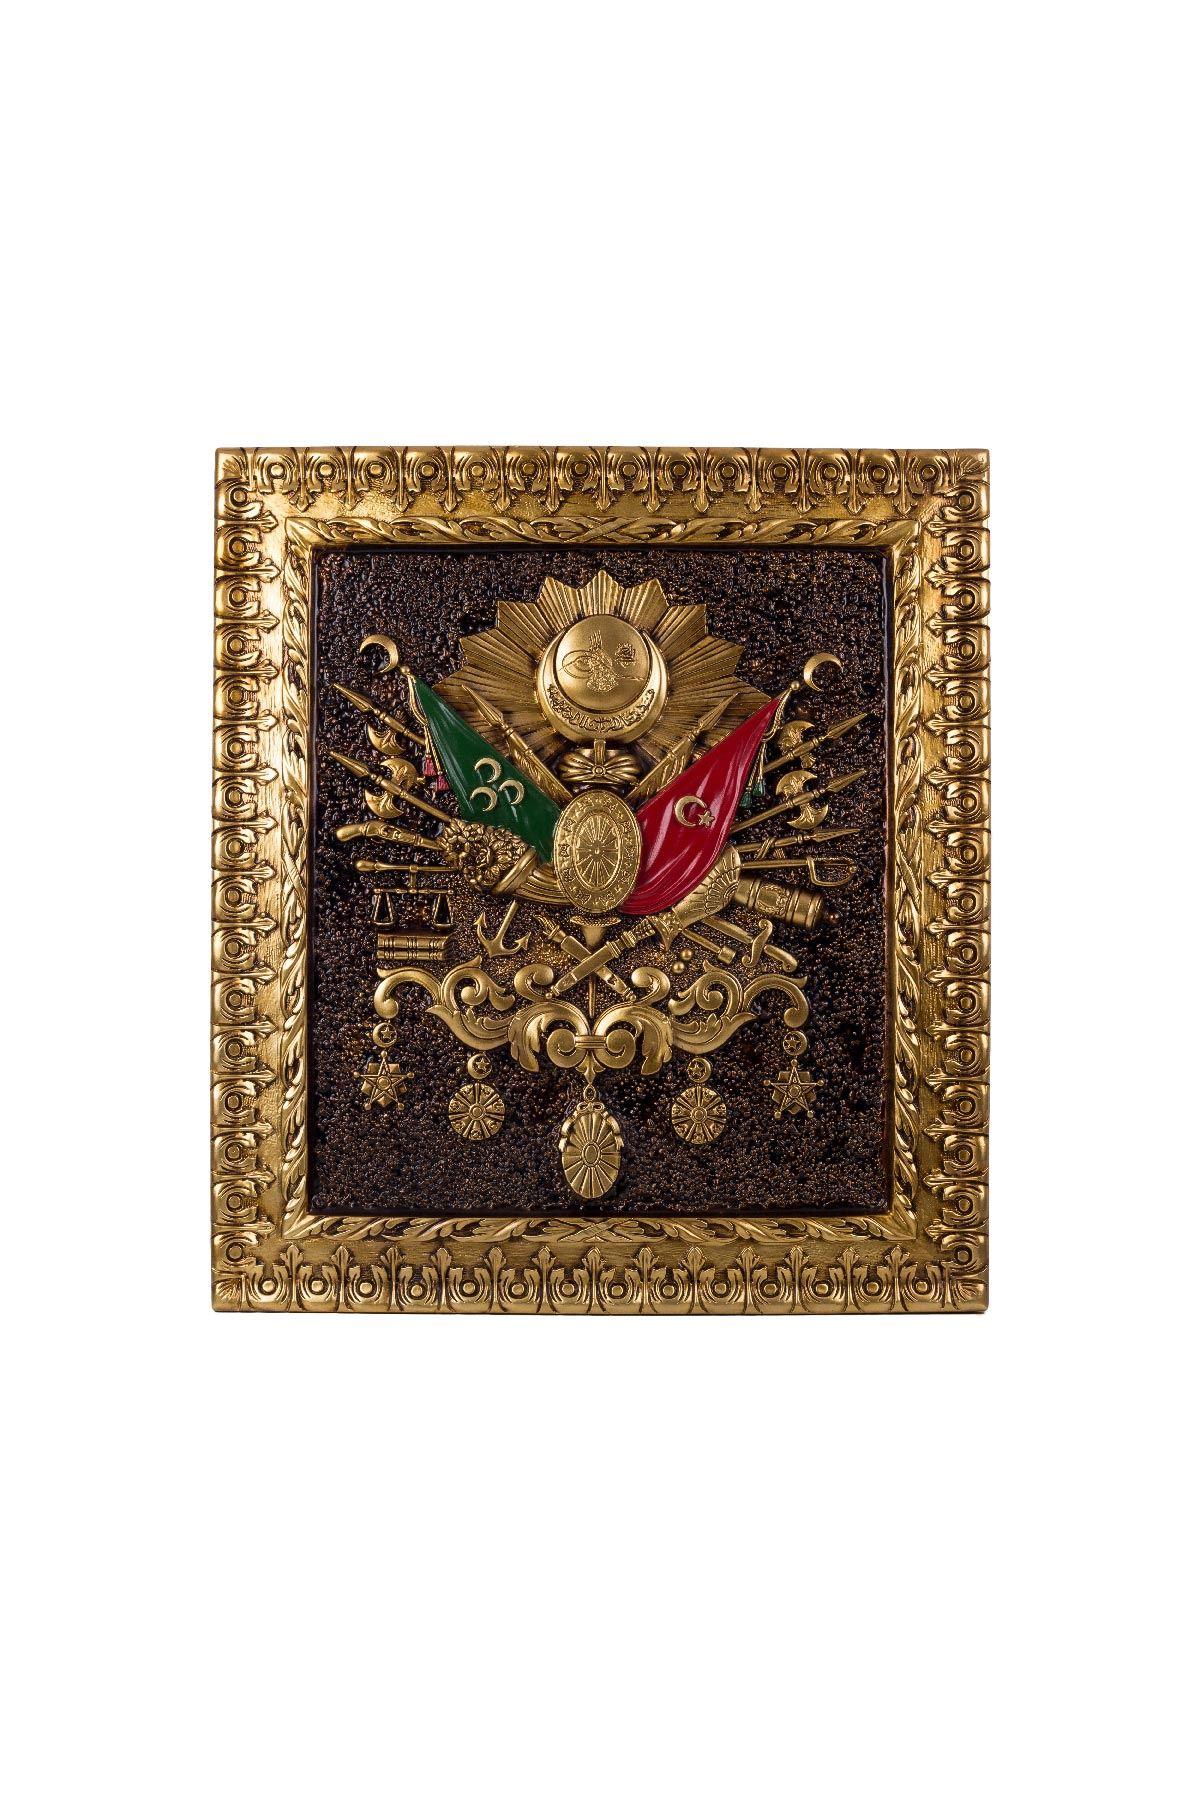 Osmanlı Devlet Arması Altın Varak Tablo